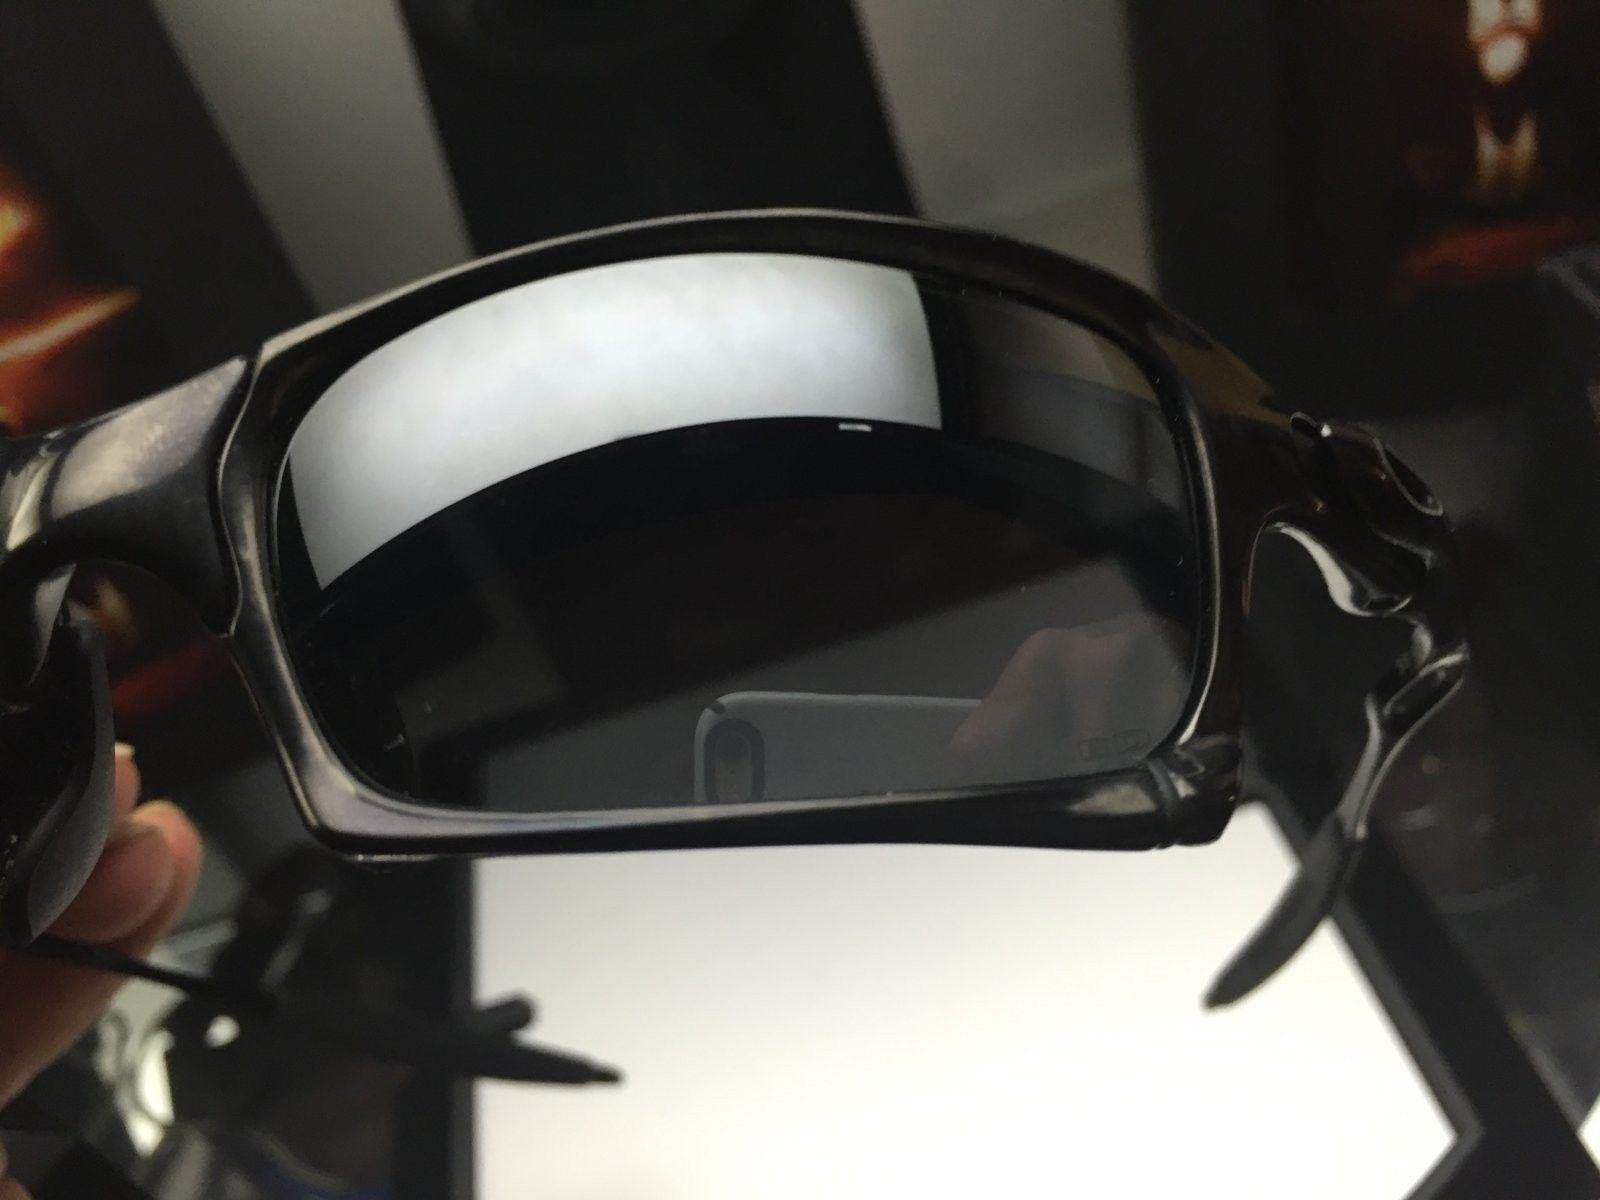 Xsquared carbon polished w/ black iridium Polarized SKU: 006011-06 $400 - image.jpeg